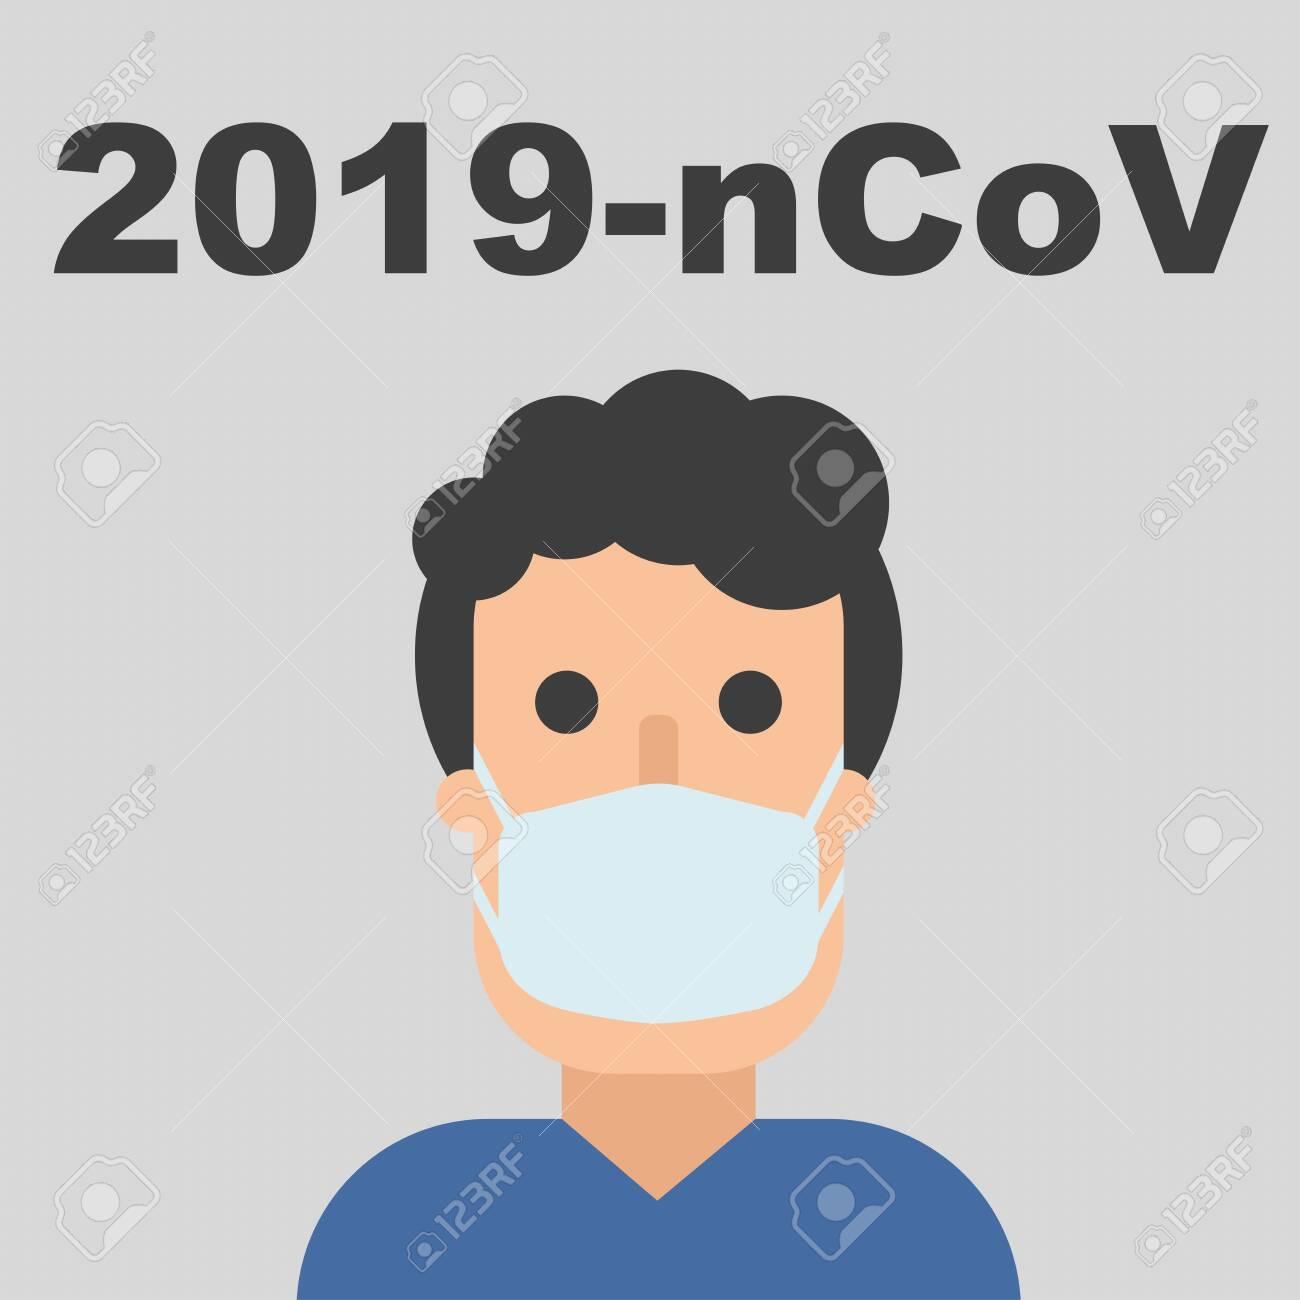 2019 virus mask